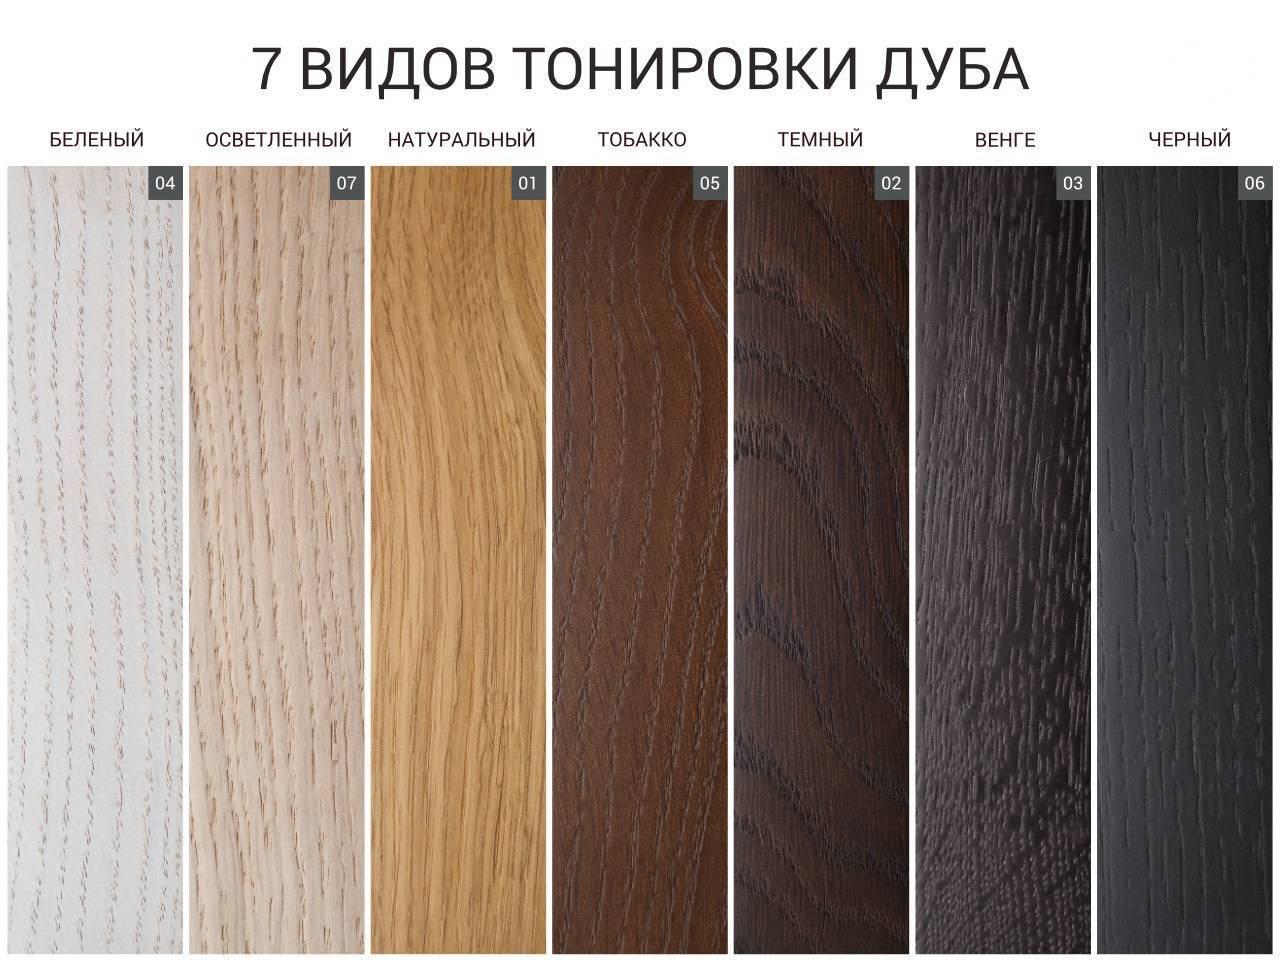 Цвет ламината и сочетания с мебелью